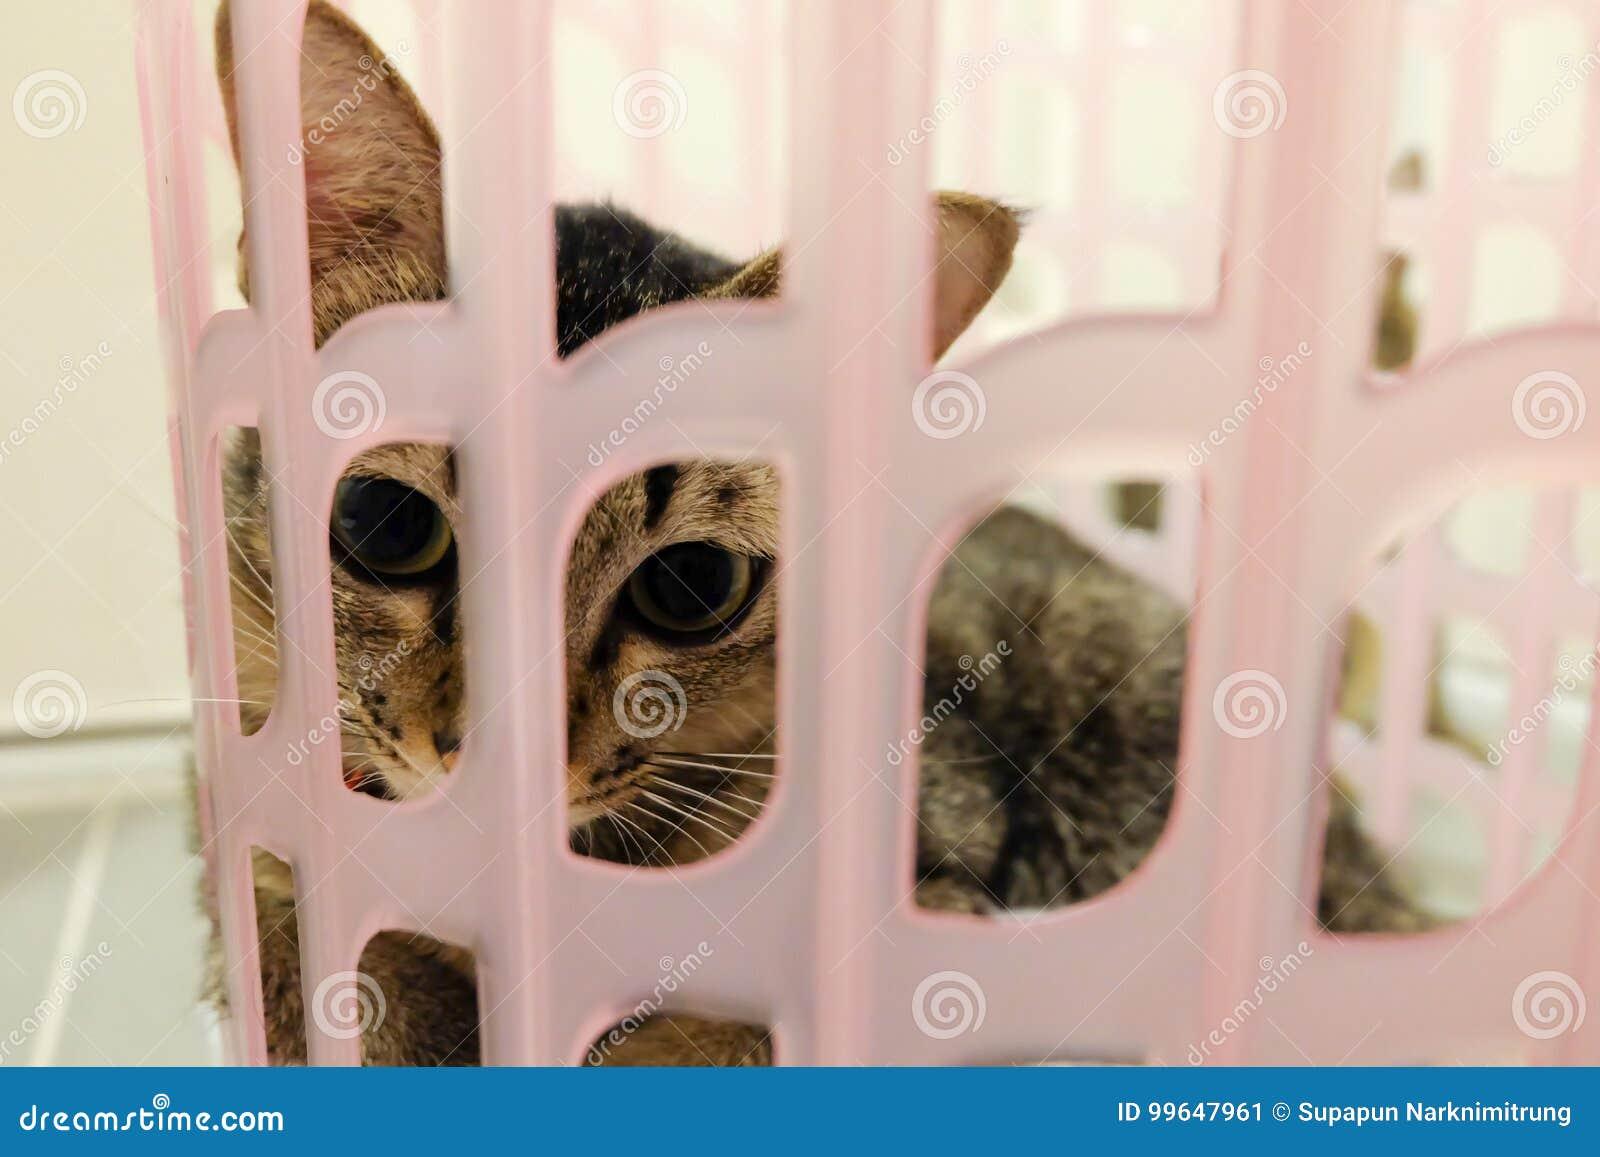 Λατρευτή γάτα που βρίσκεται στο καλάθι Καλά χαριτωμένα γατάκια στο σπίτι